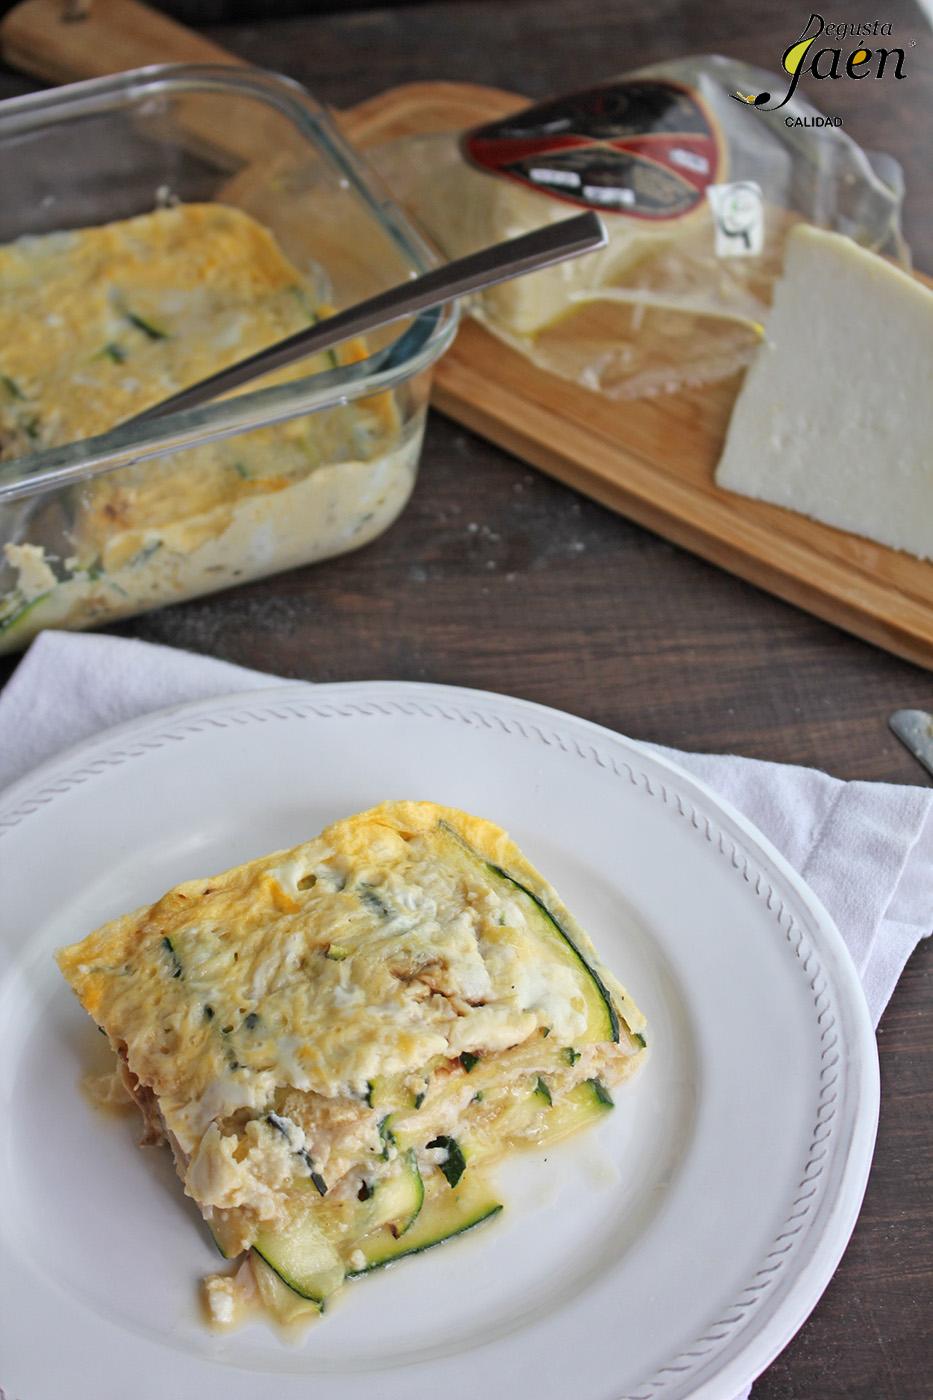 Lasaña de calabacin con pavo y queso Degusta Jaen (1)